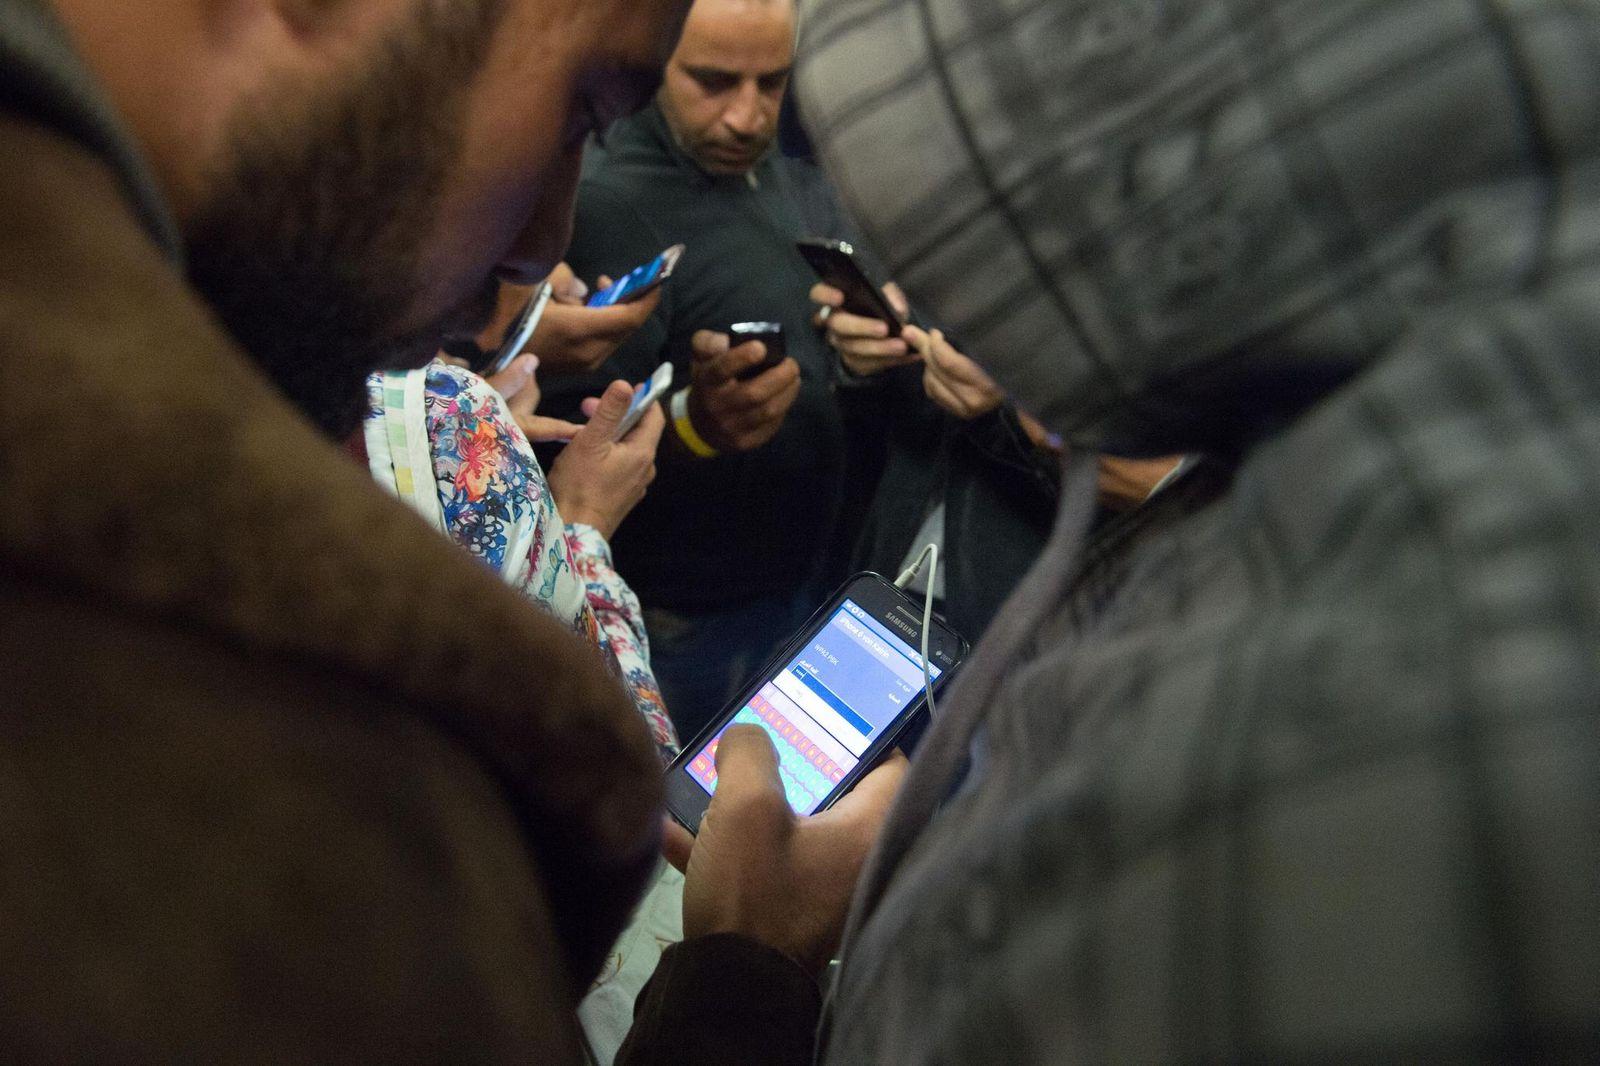 Geflüchtete mit Smartphones